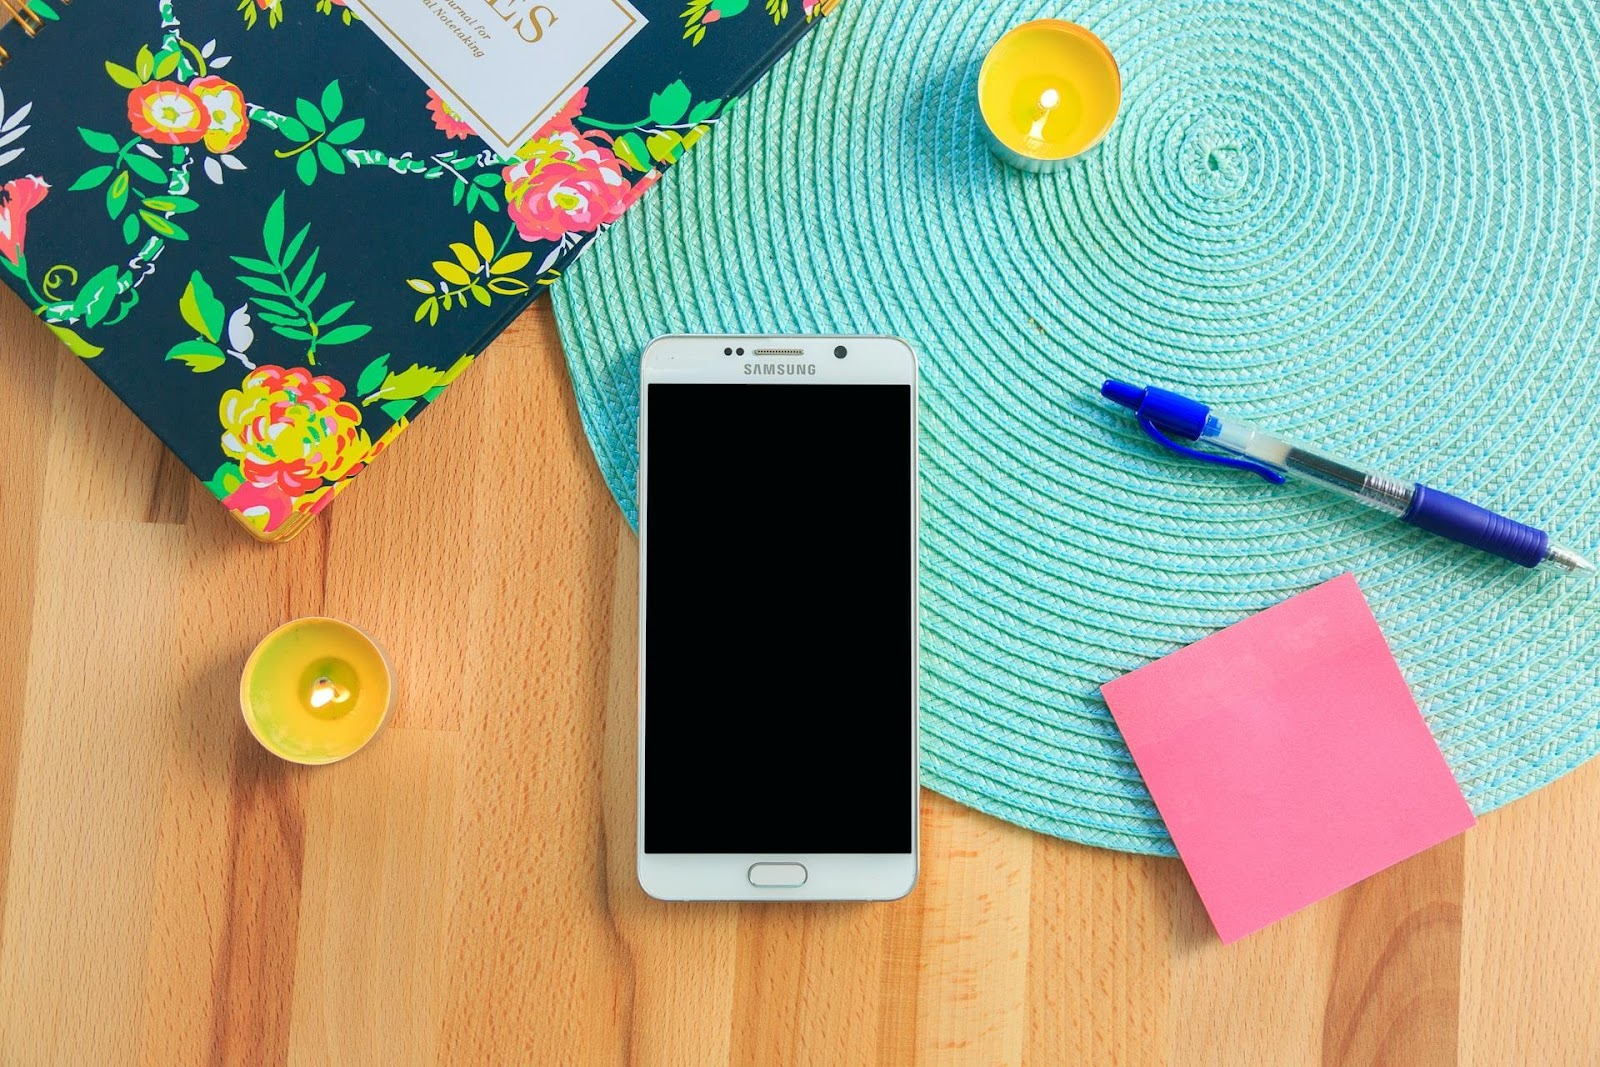 Organização digital: manter o celular organizado otimiza a rotina